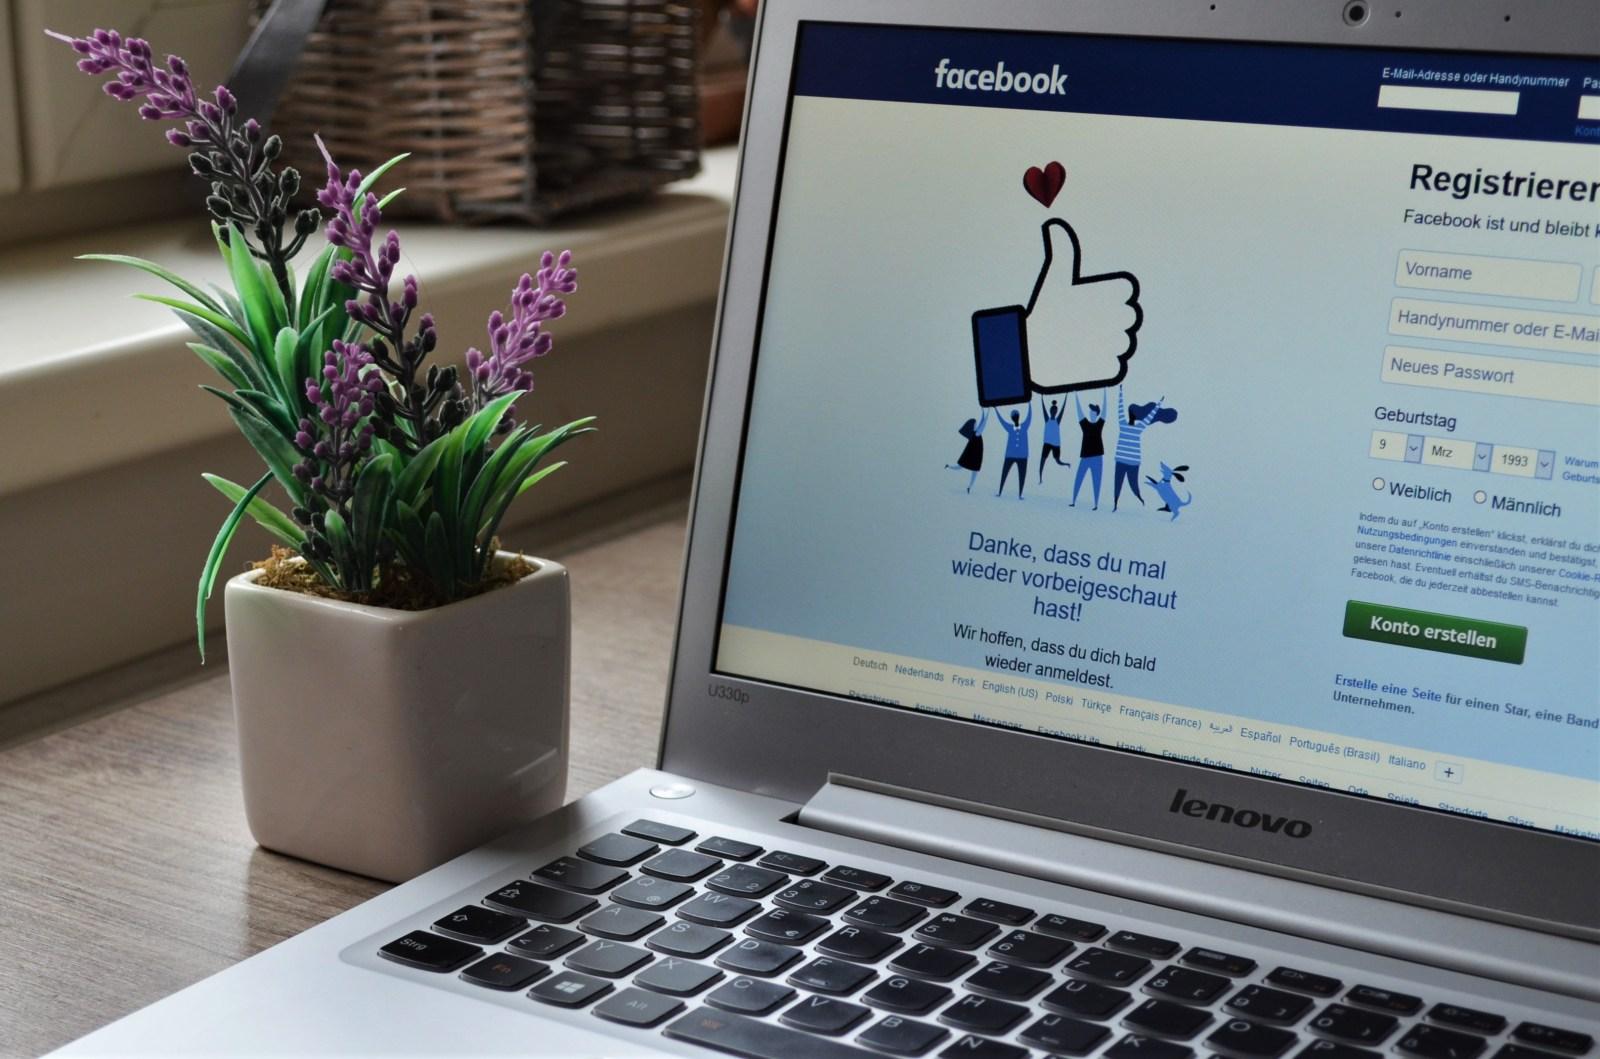 Les actions de Facebook atteint des sommets malgré une baisse de la demande en publicité